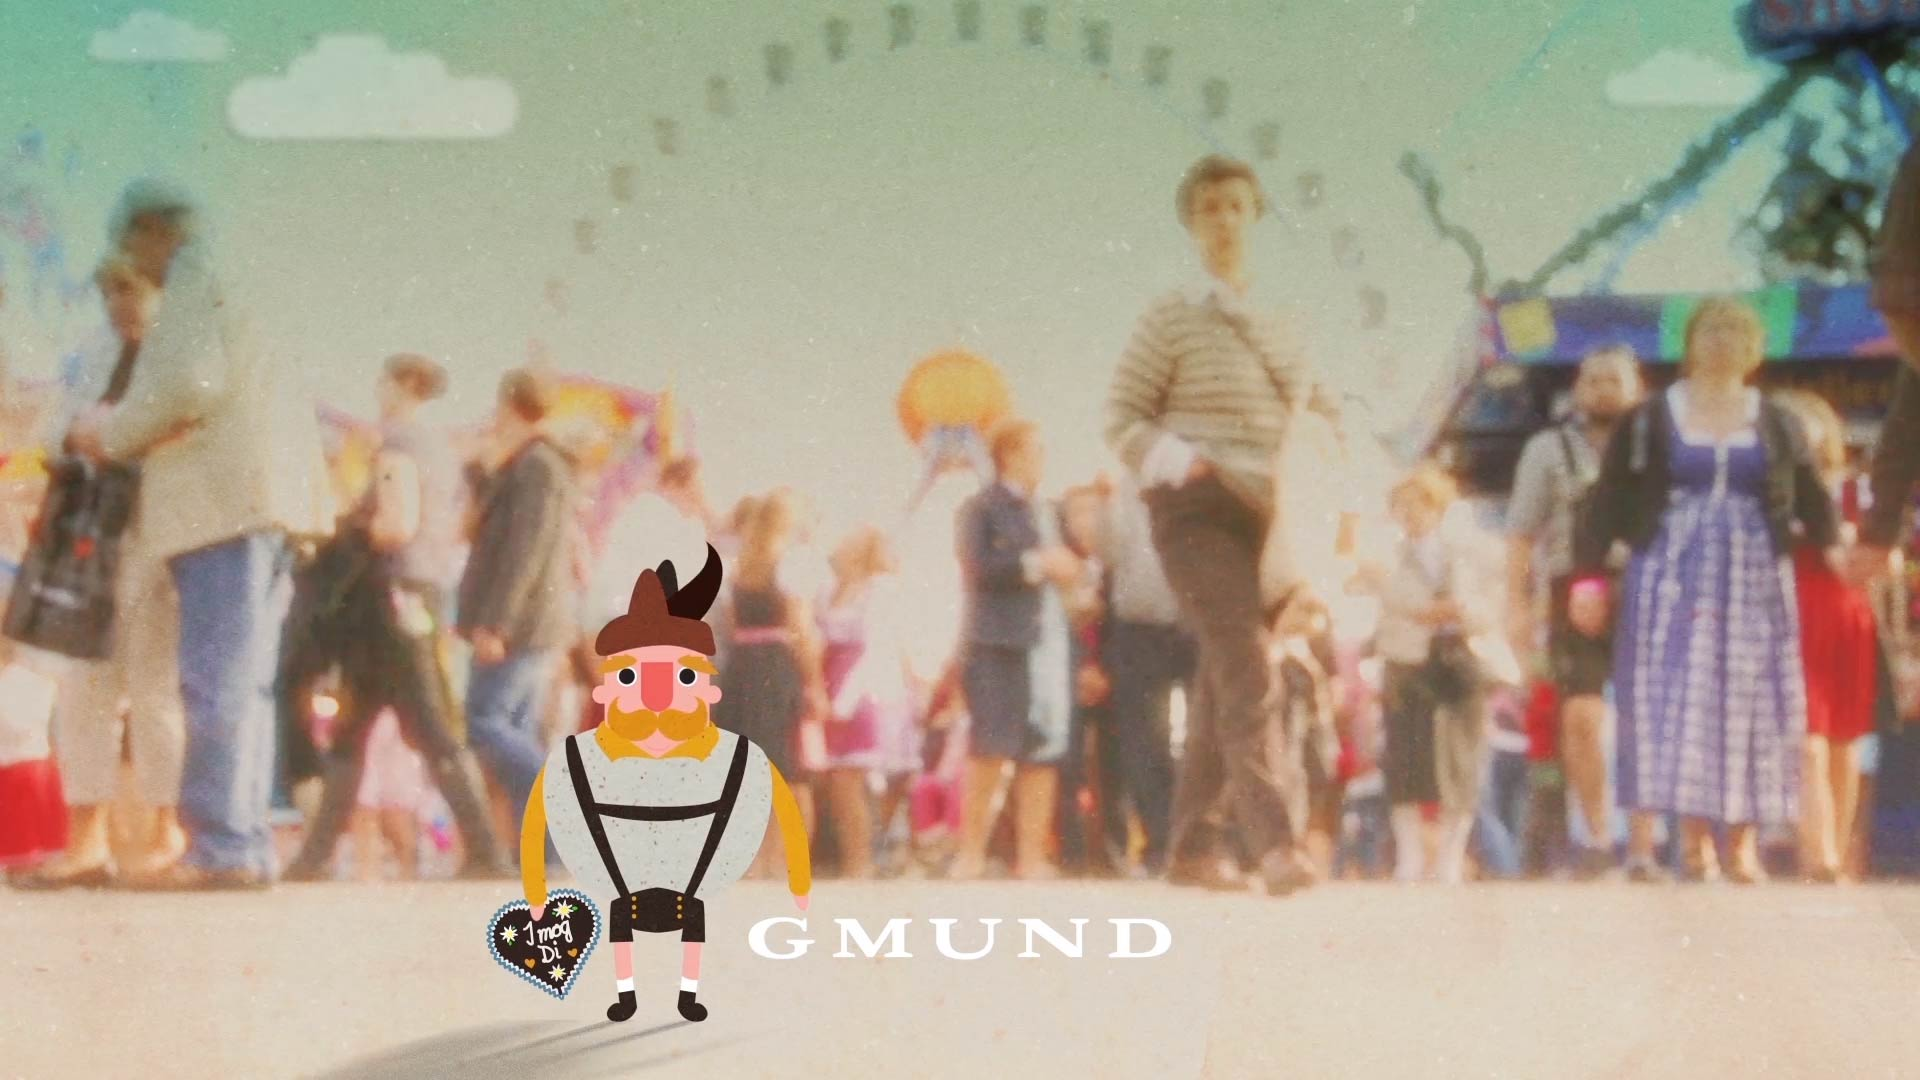 GMUND-Bier-Papier-2